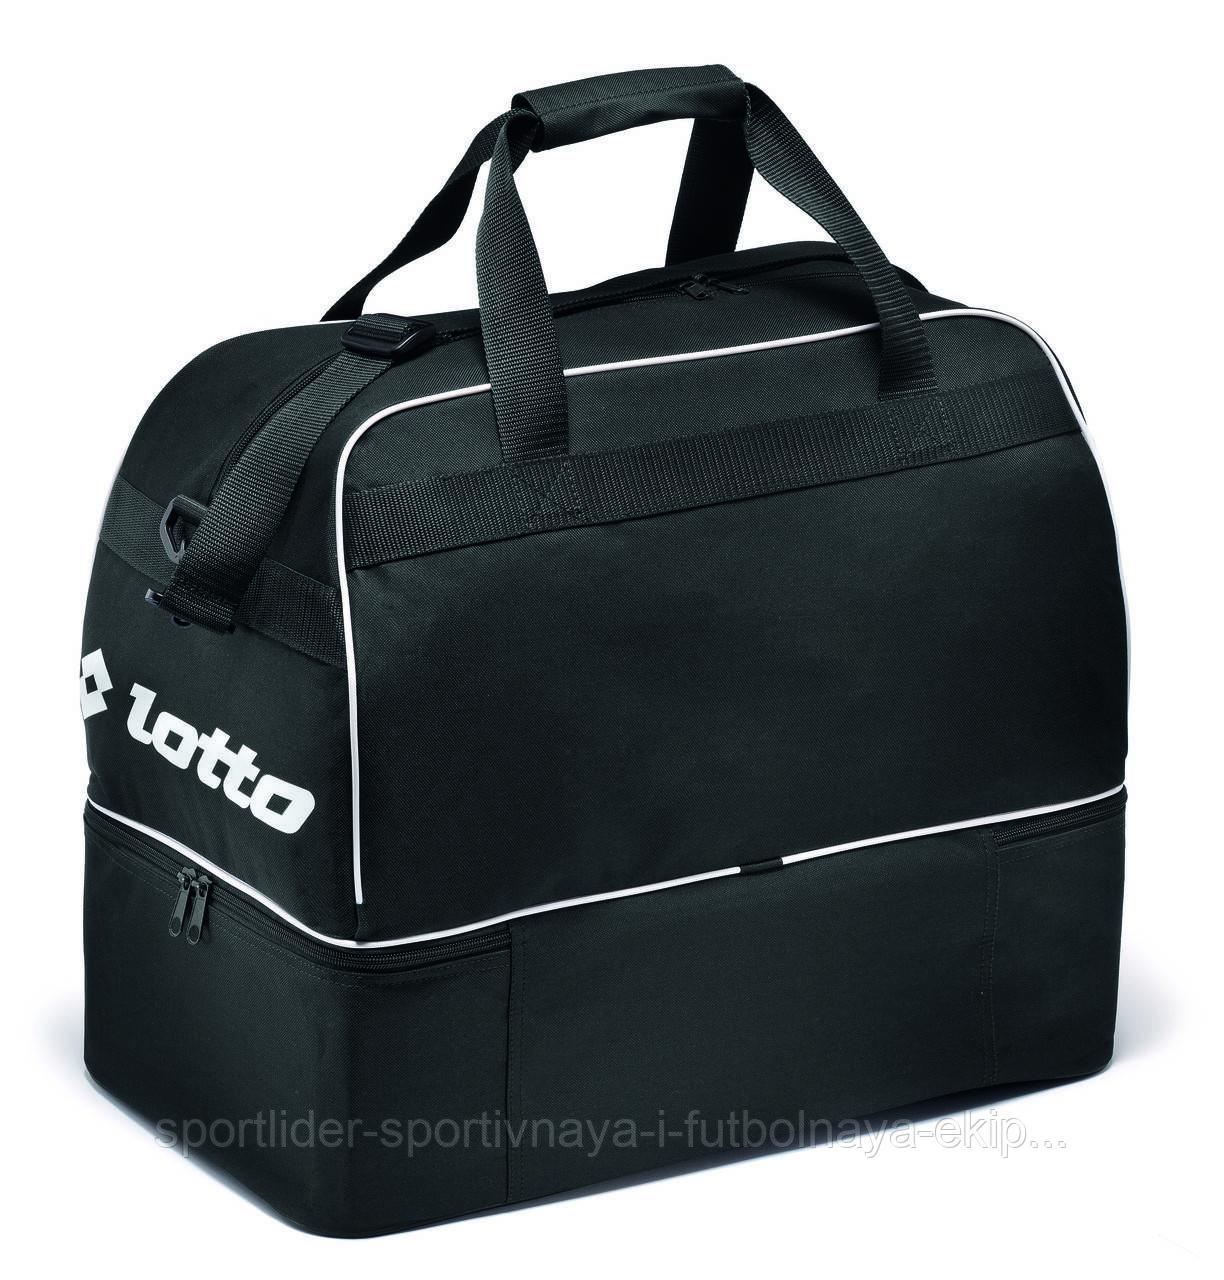 16191c158d2c Детская спортивная сумка Lotto Bag Soccer Omega, цена 782 грн., купить в  Киеве — Prom.ua (ID#347680619)